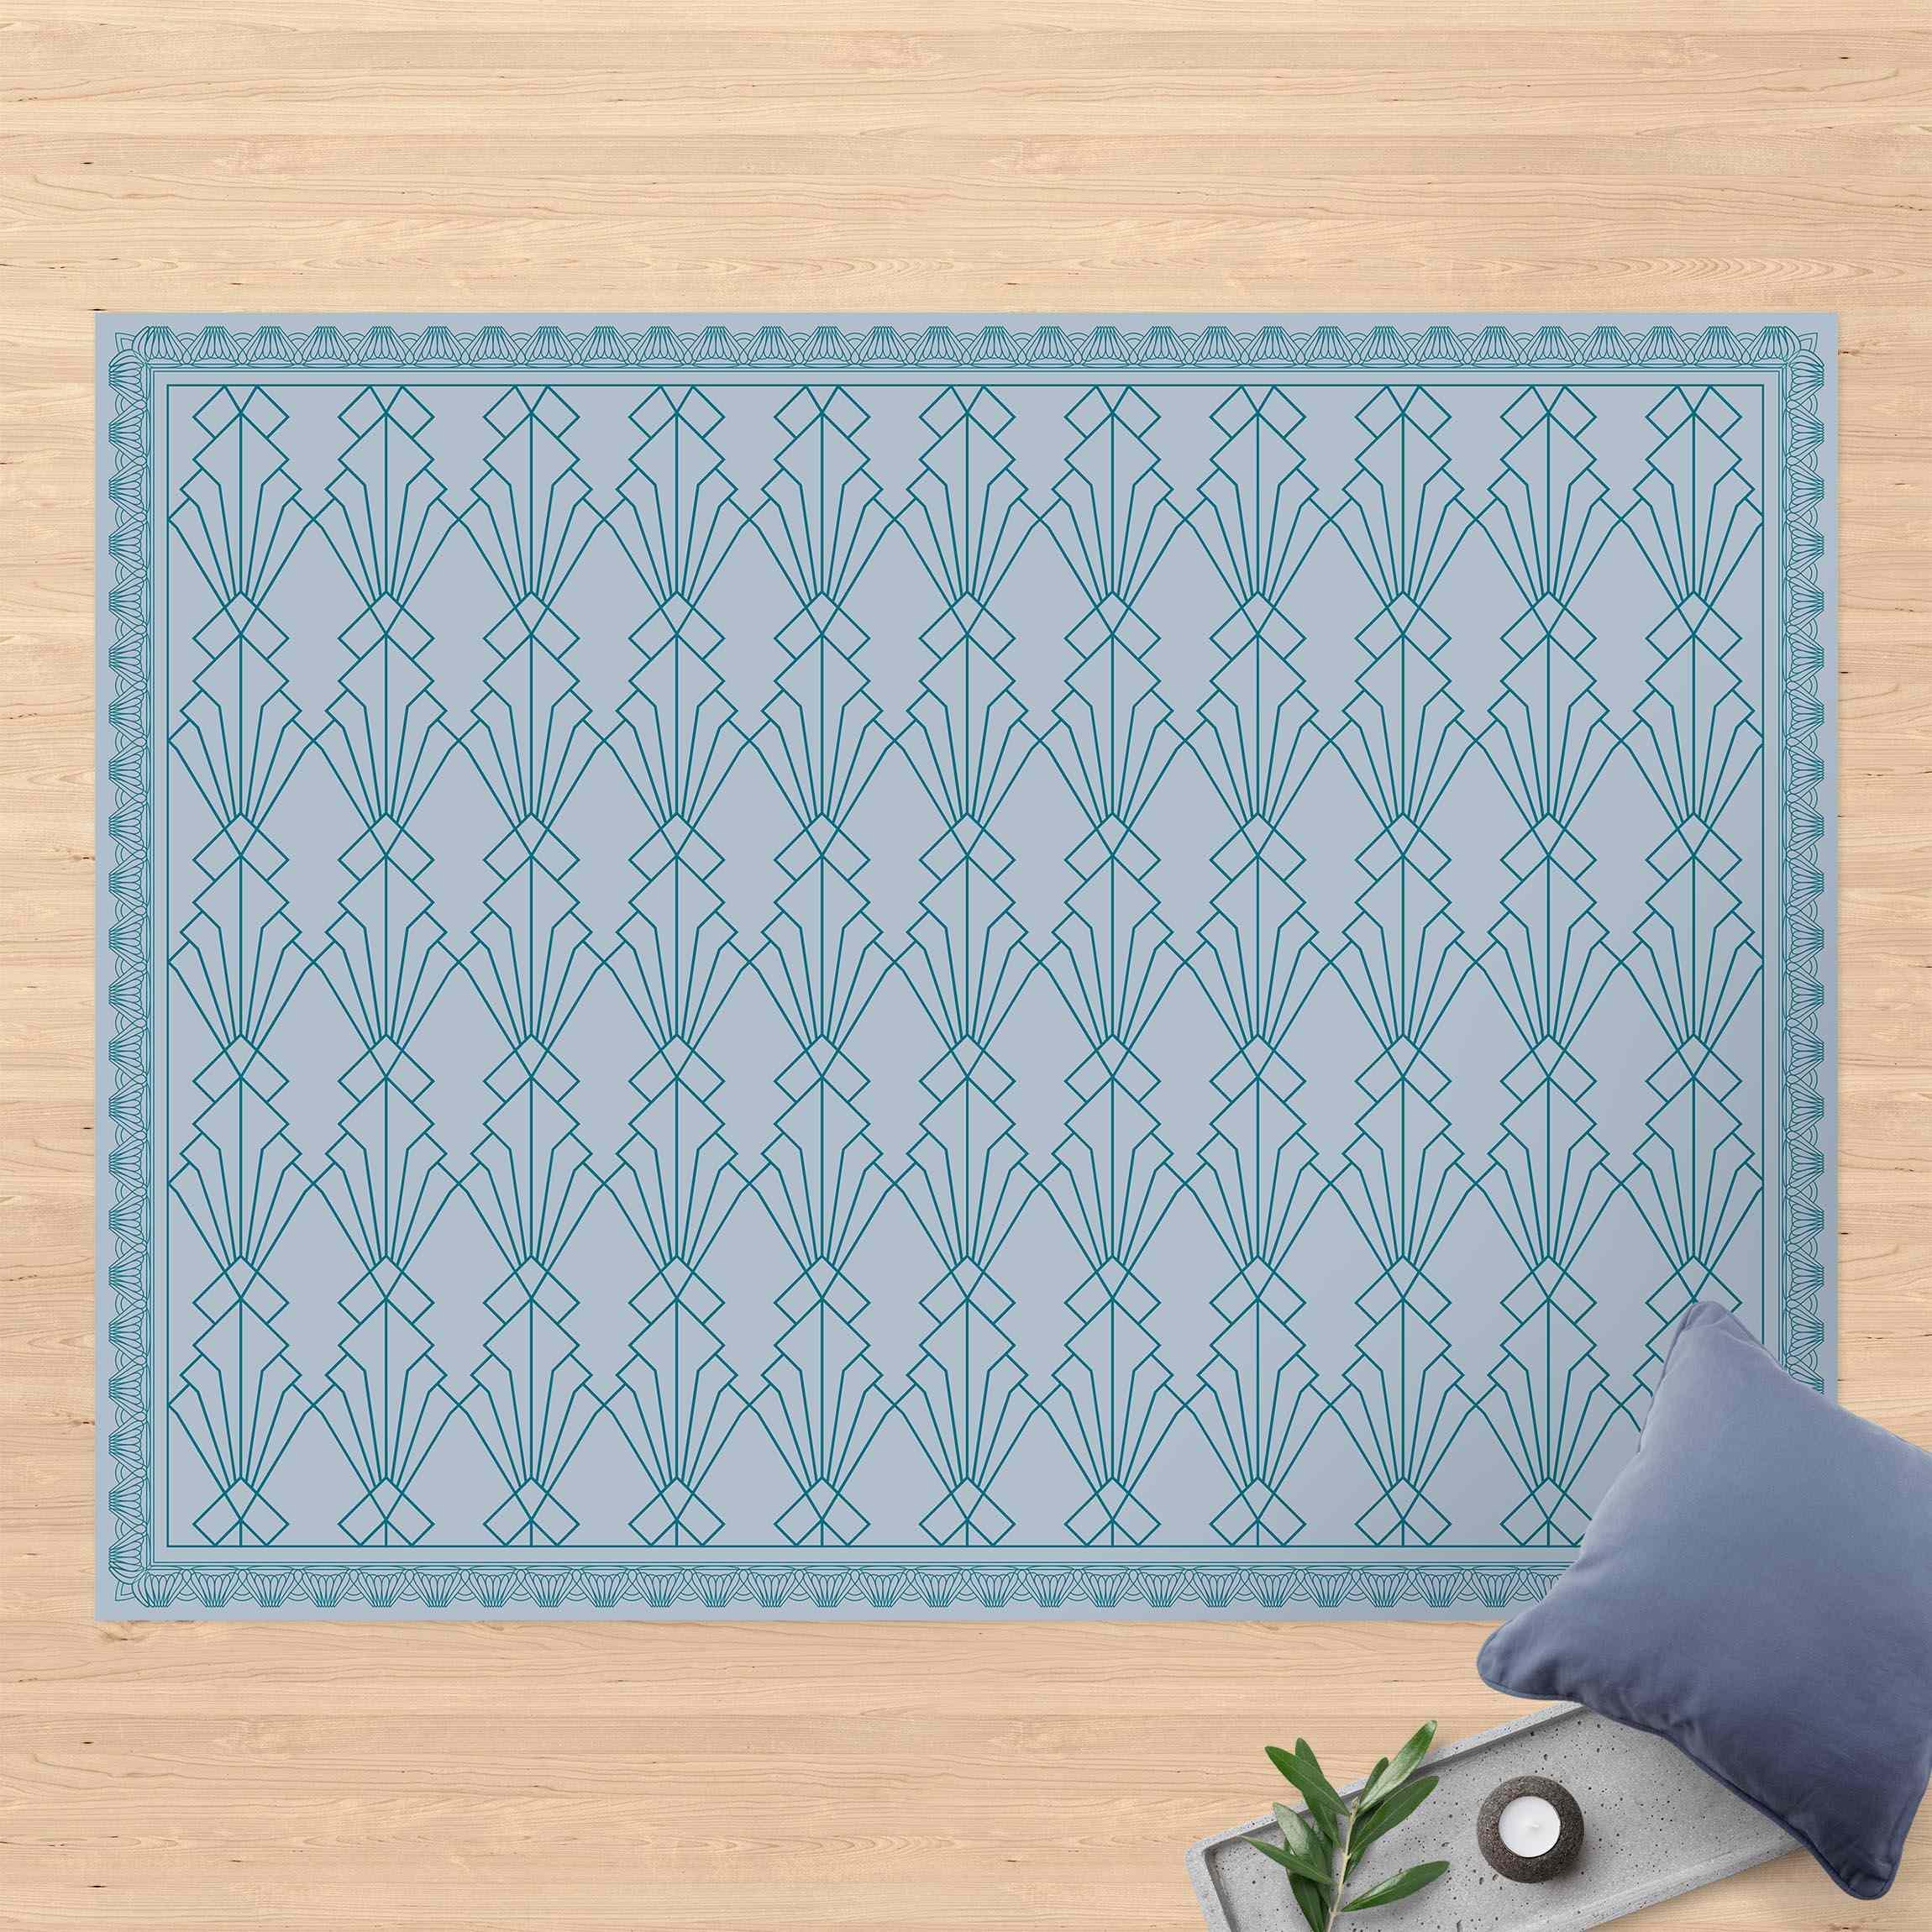 Vinyl-Teppich Art Deco Fächer Muster mit Bordüre günstig online kaufen